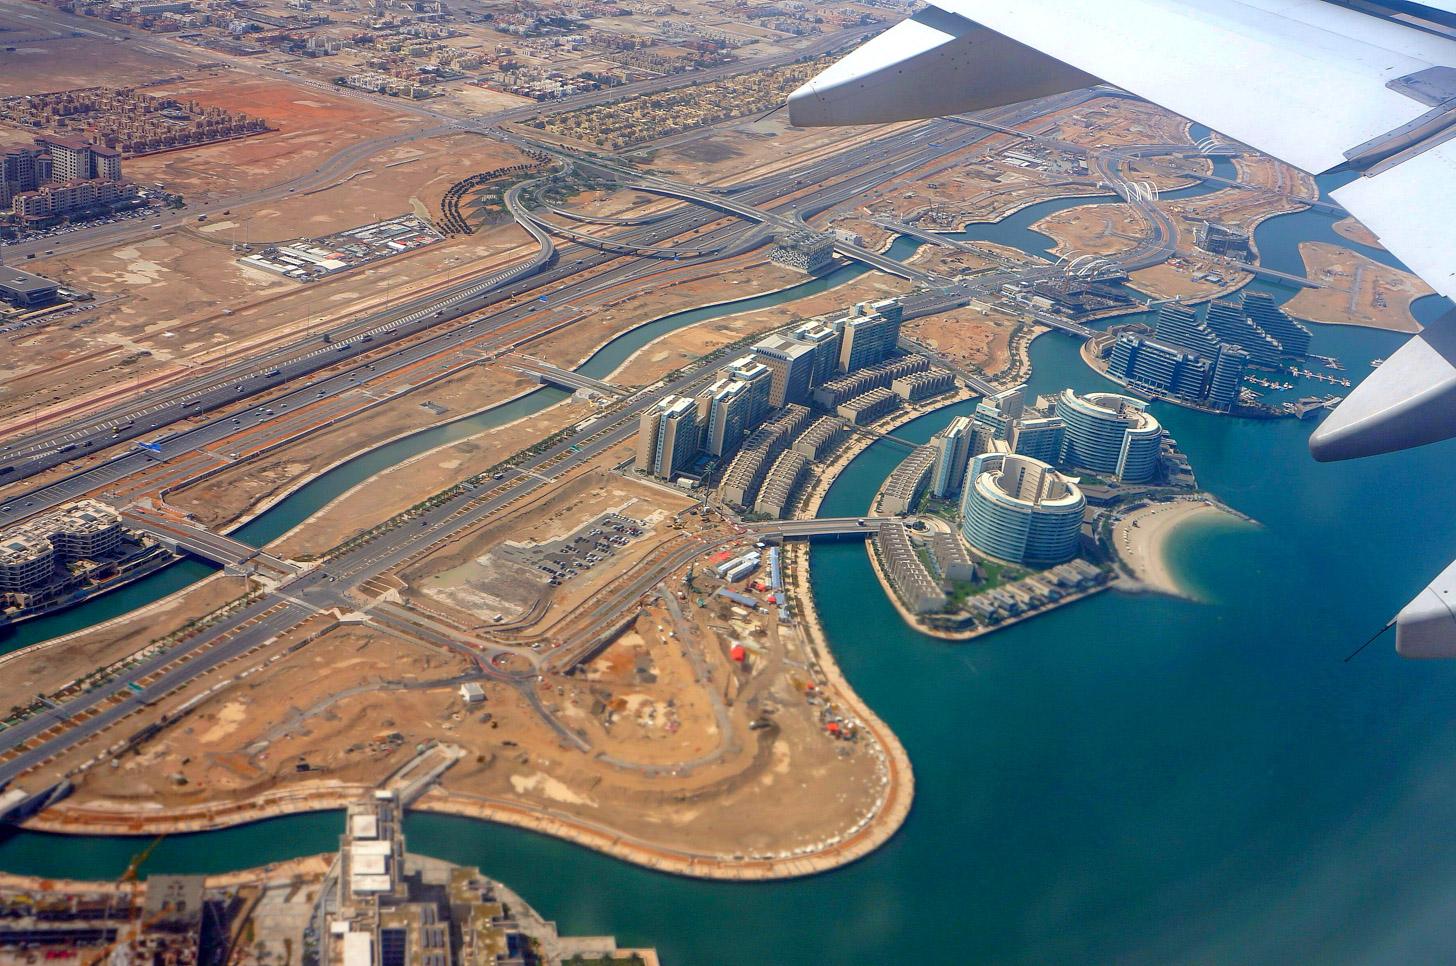 vliegen naar Abu Dhabi